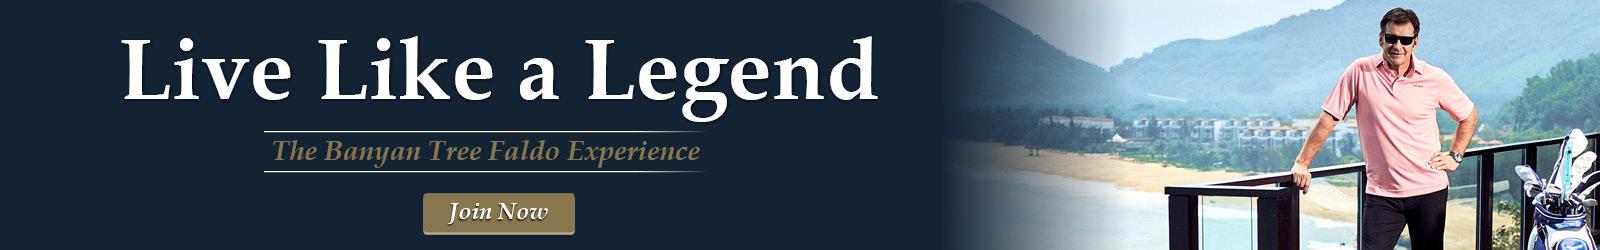 Live like A Legend - The Banyan Tree Faldo Experience-Join Now3